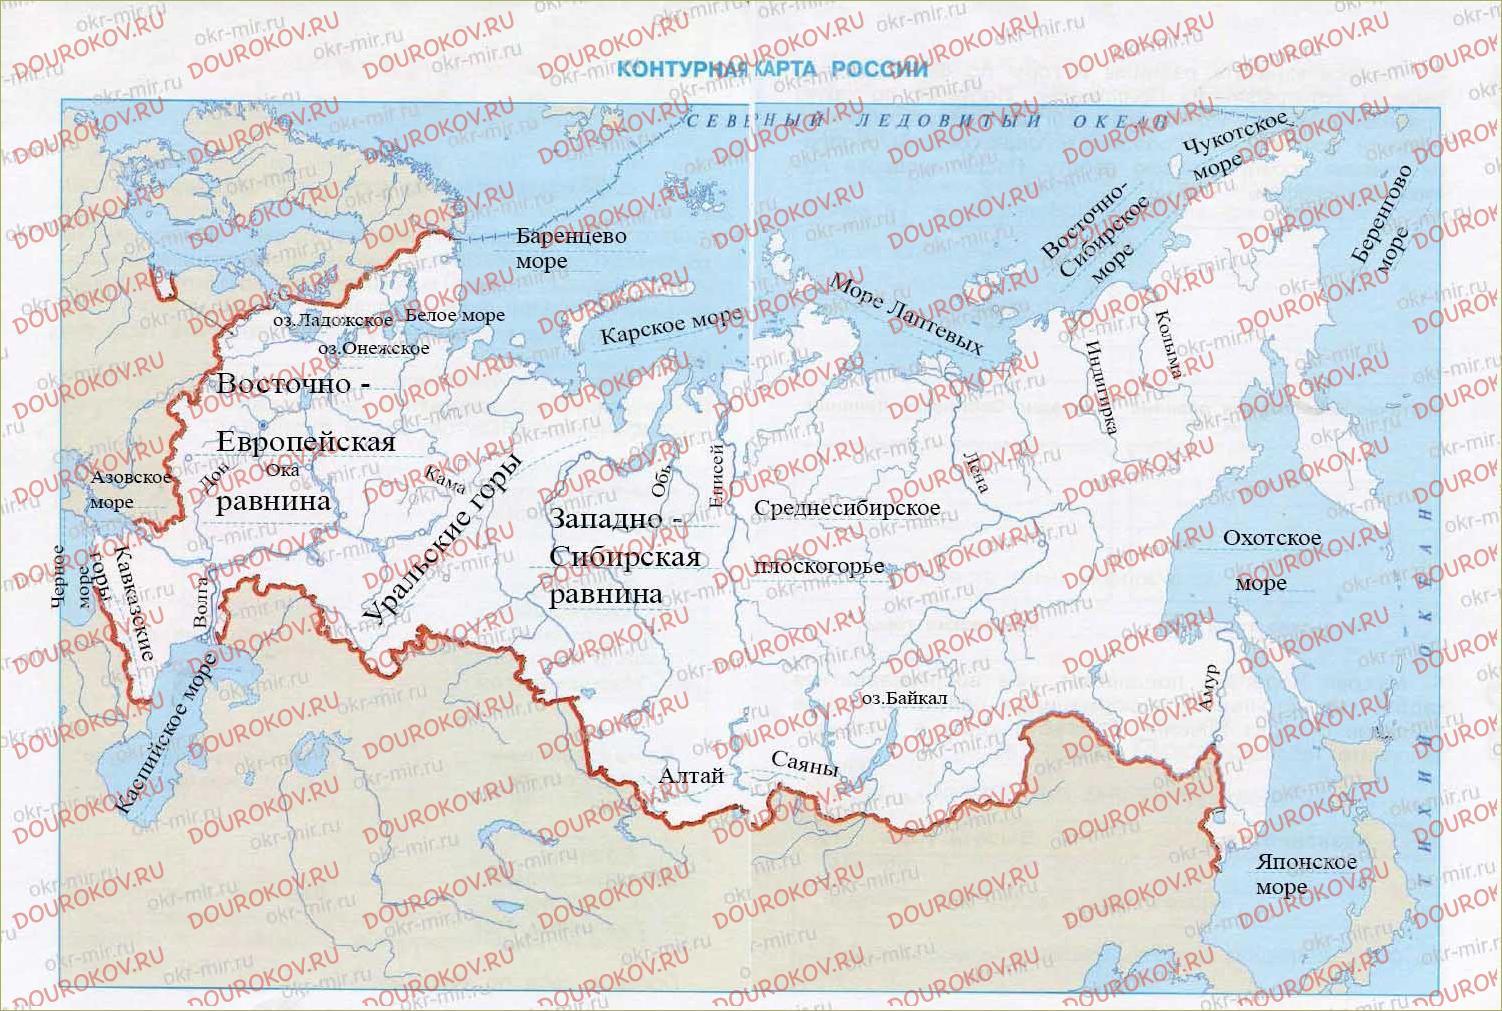 Моря, озёра и реки России - 31